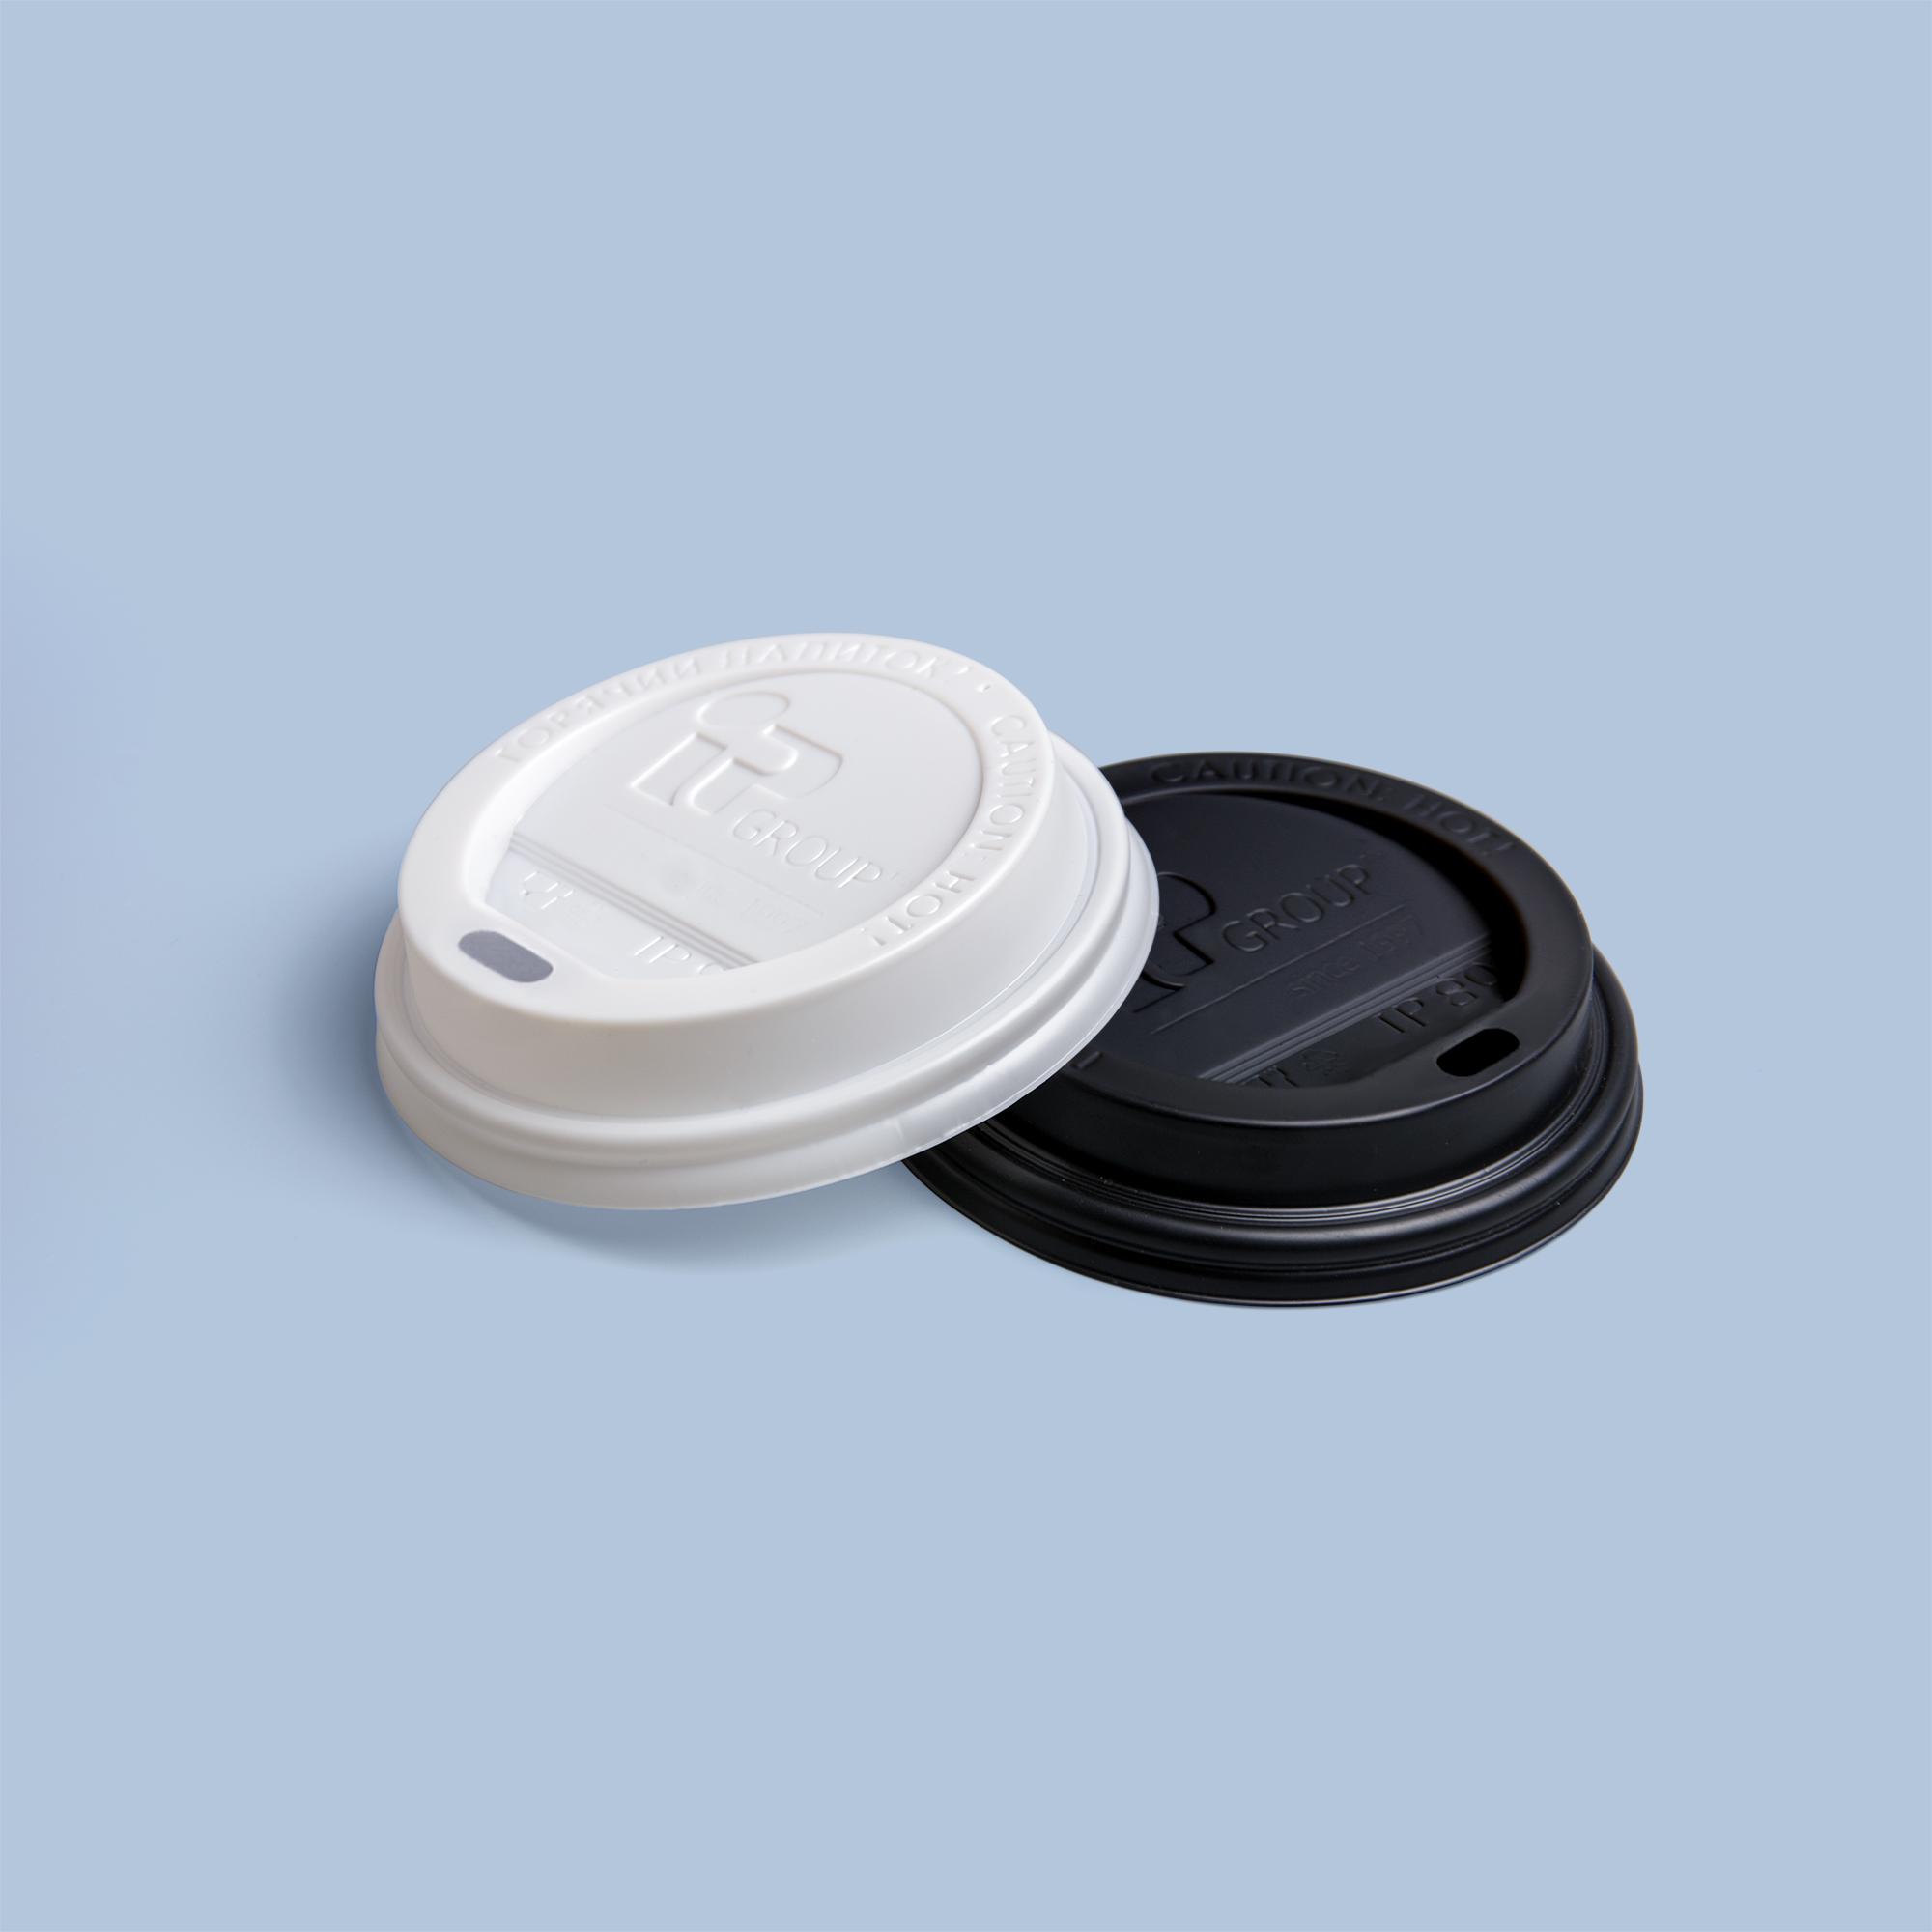 НОВИНКА: крышка для бумажного стакана